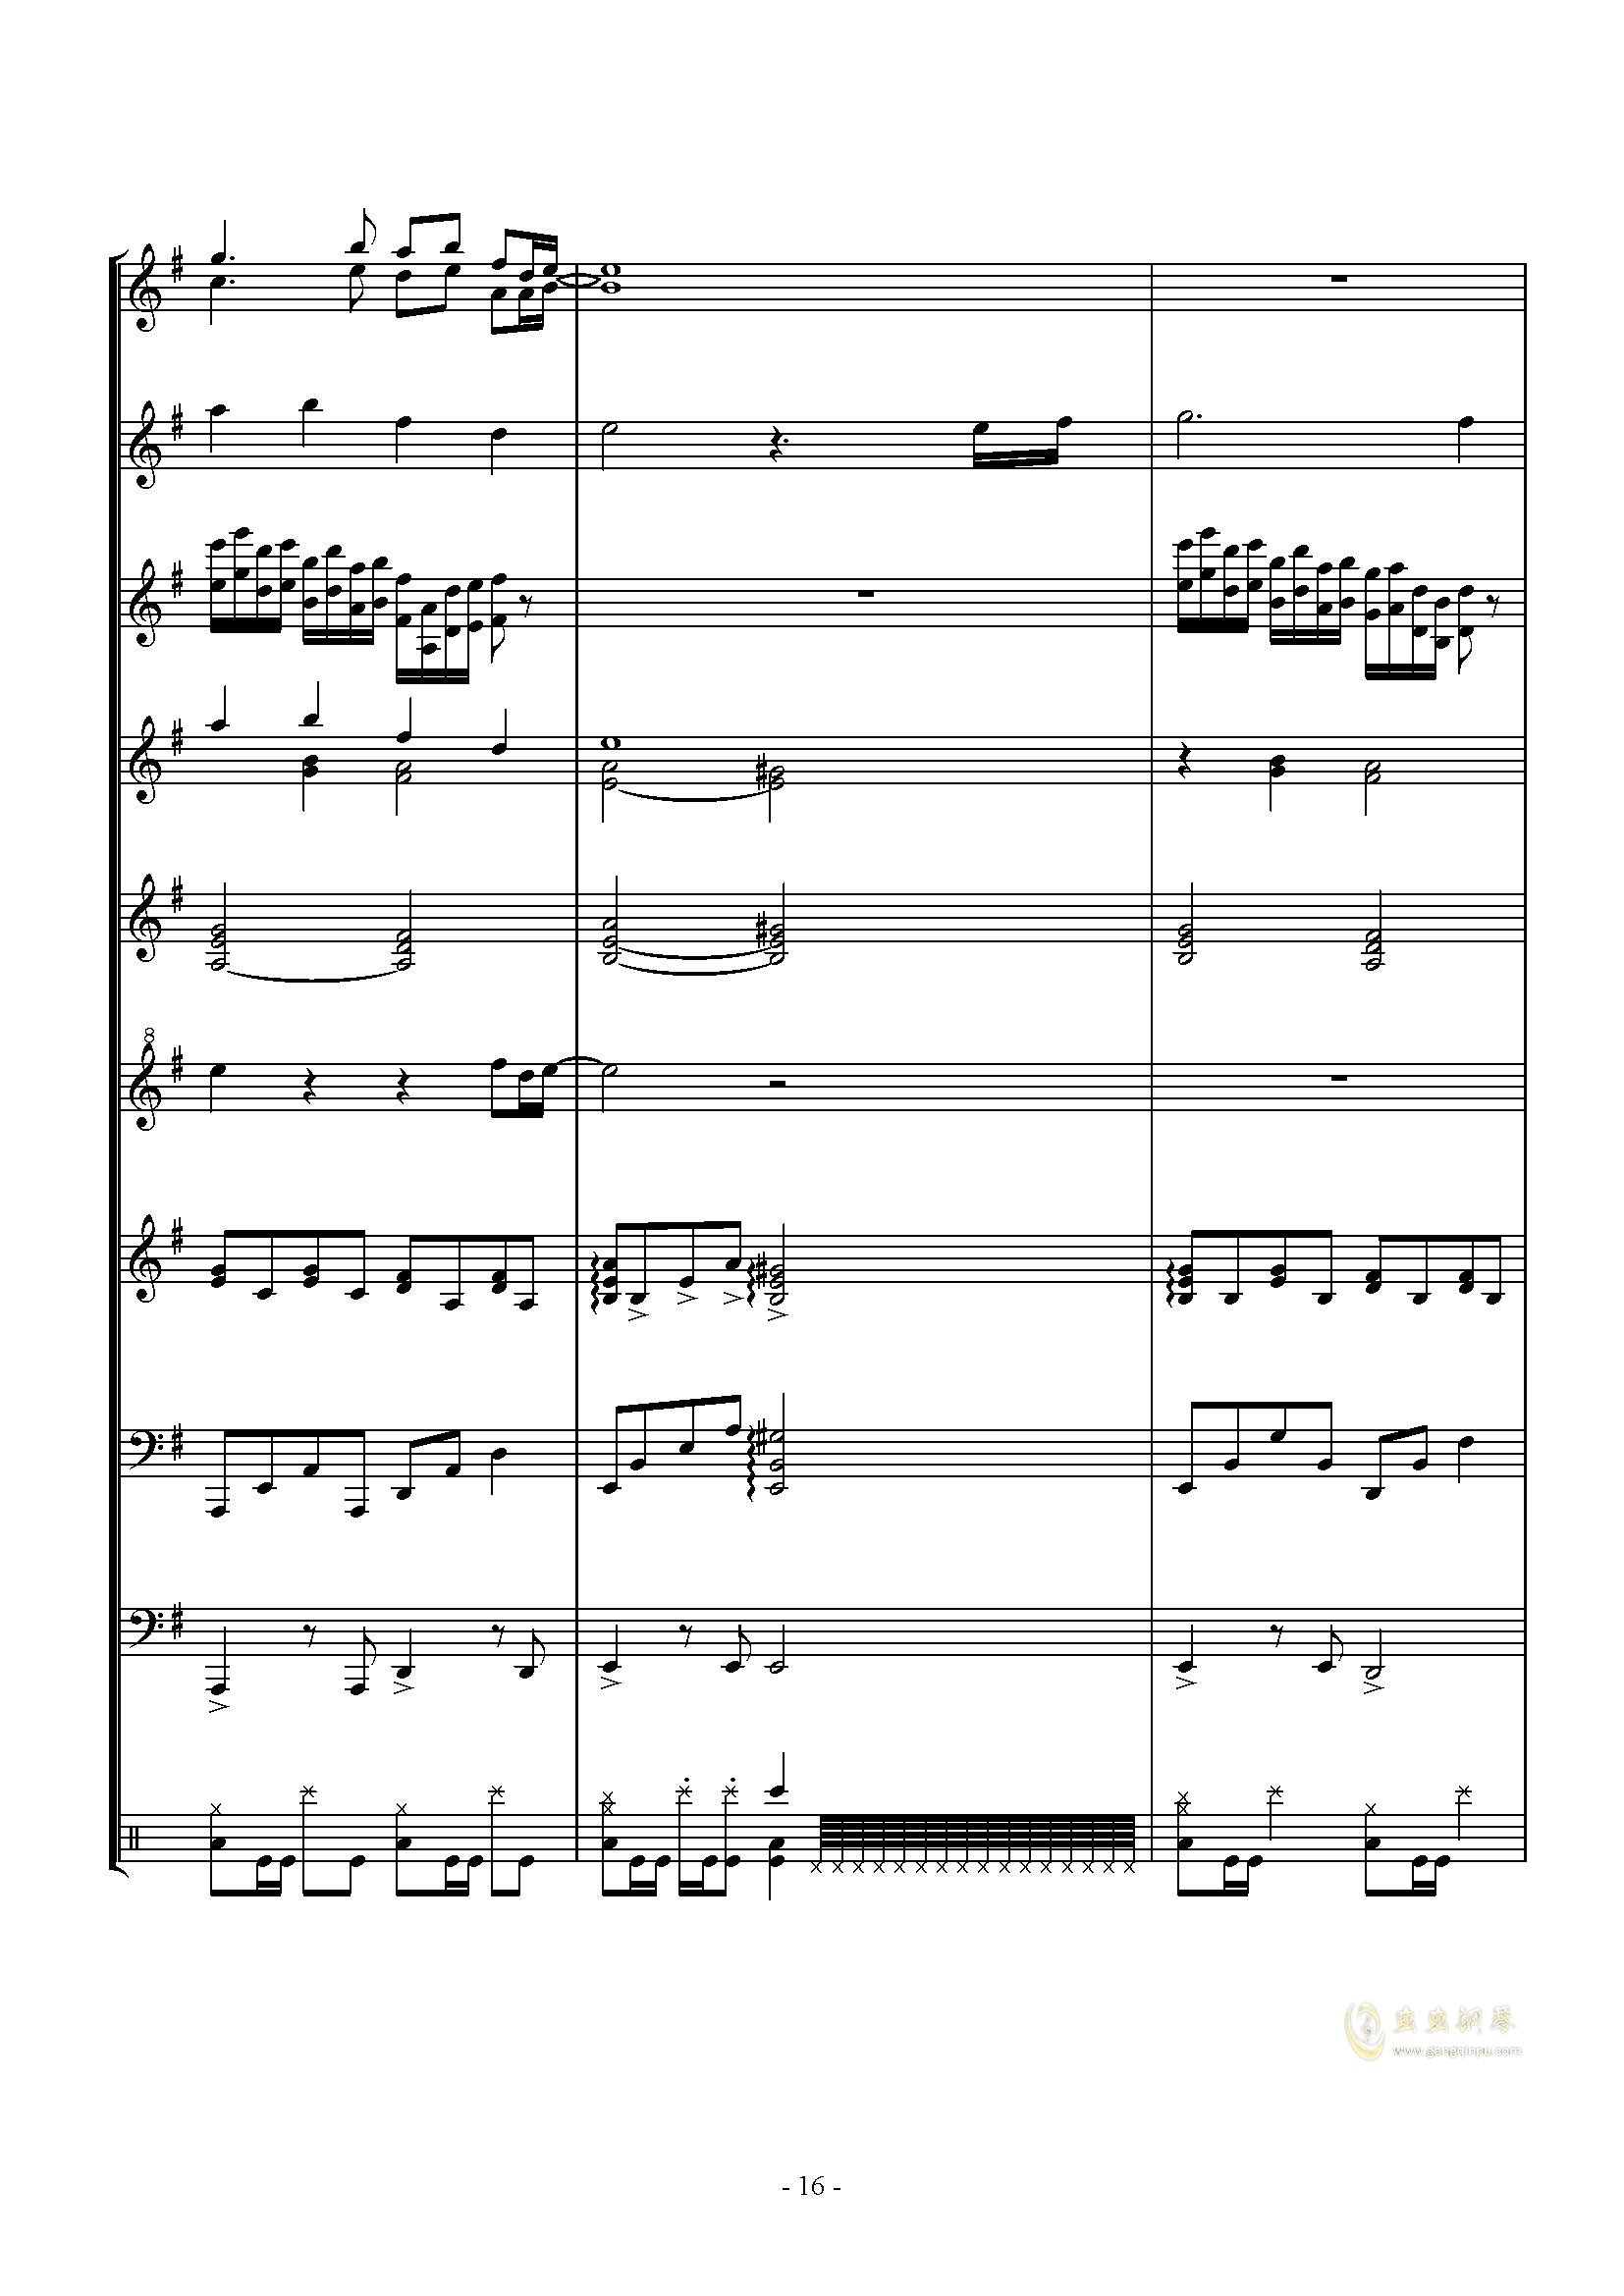 キミガタメ钢琴谱 第16页